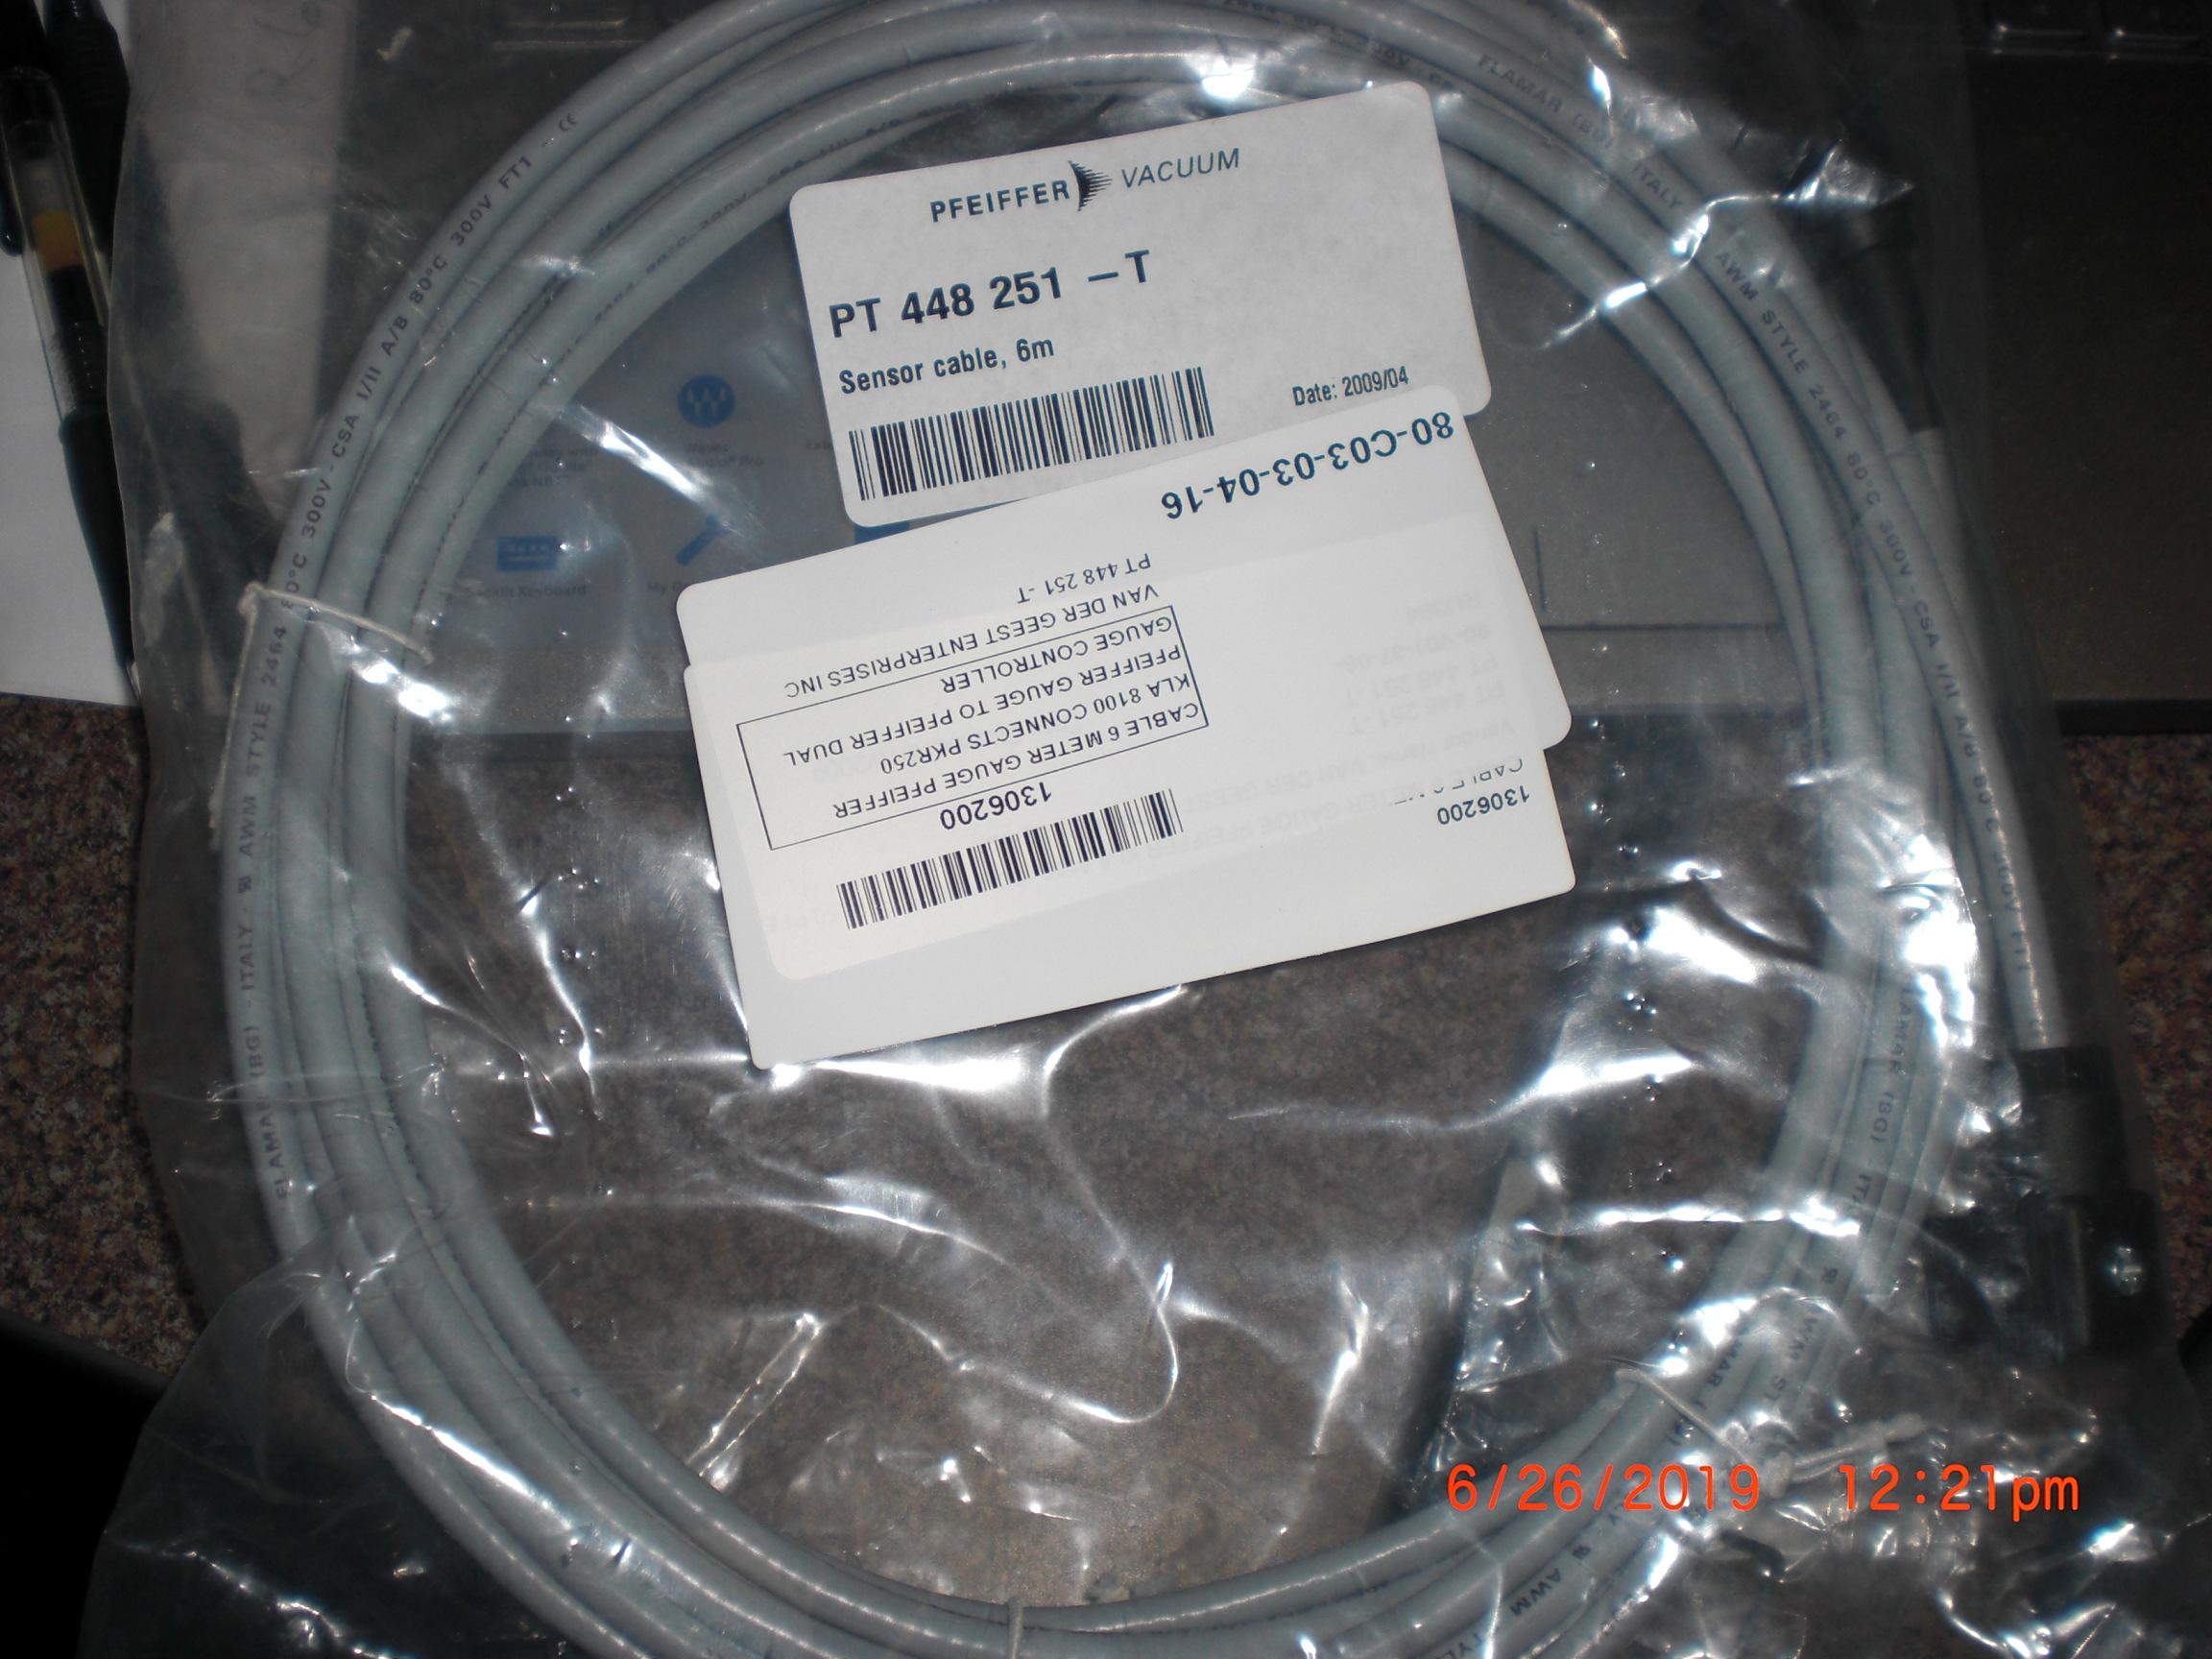 Cable PFEIFFER VACUUM PT 448 251-T Sensor 6M KLA 8100